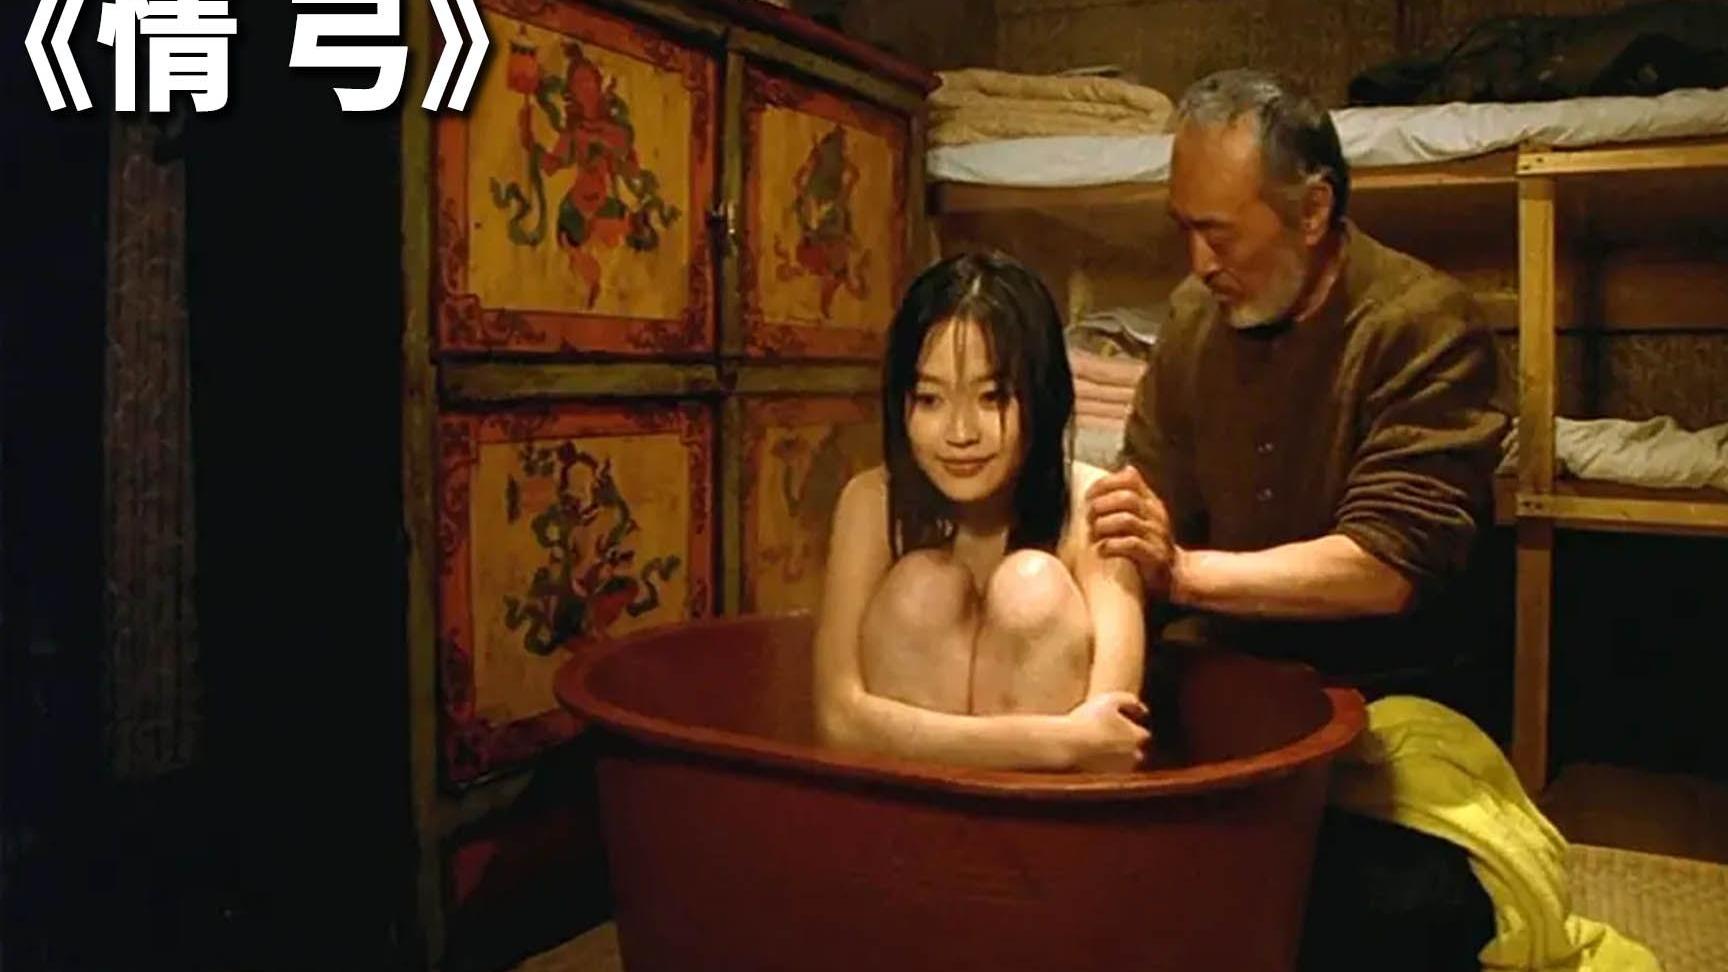 老汉收养女孩十年还要逼她跟自己结婚,韩国高分电影